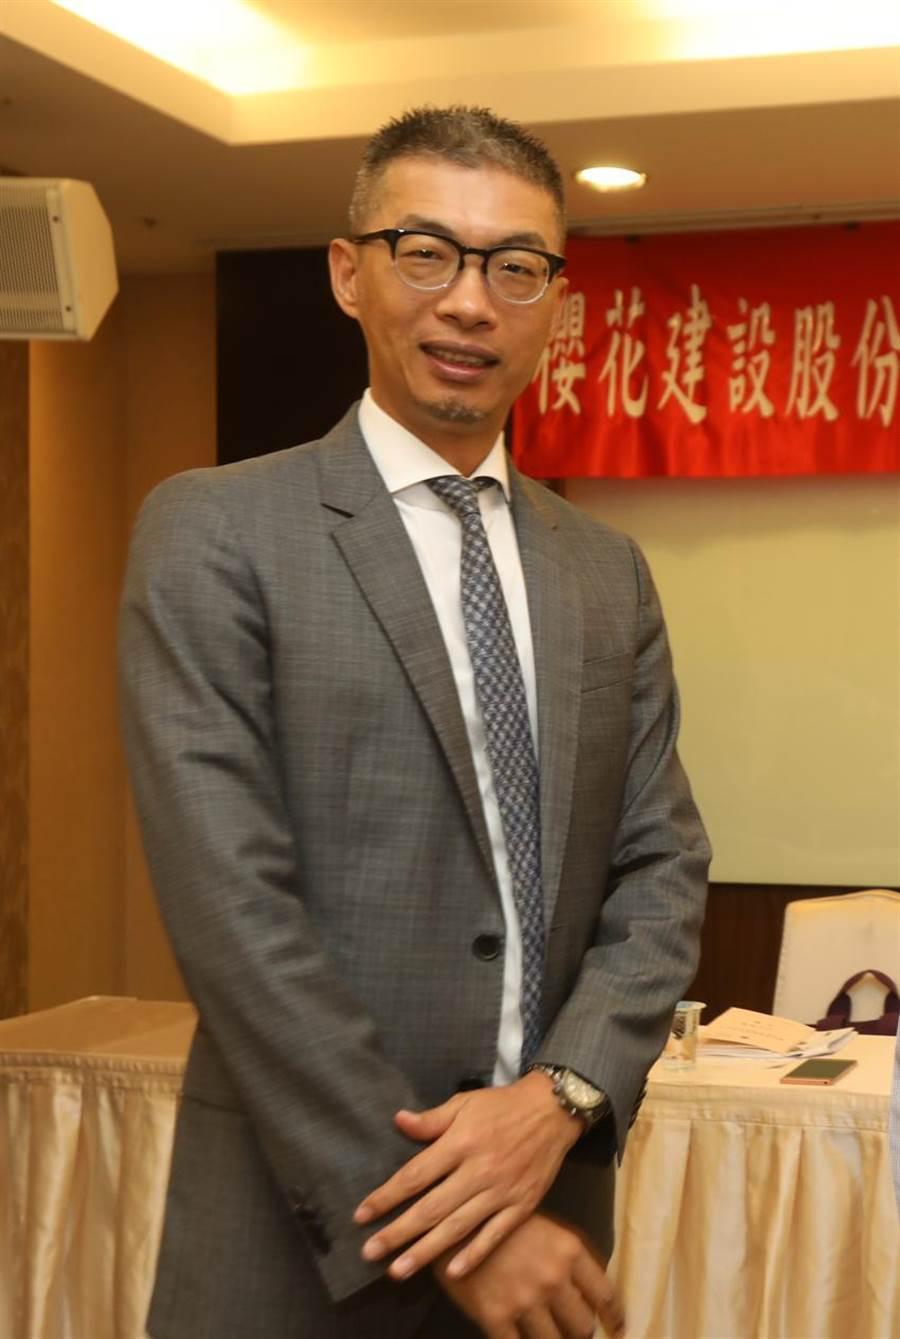 櫻花建設總經理陳世英指出,2019年預計推案量達55億元。(圖:曾麗芳)